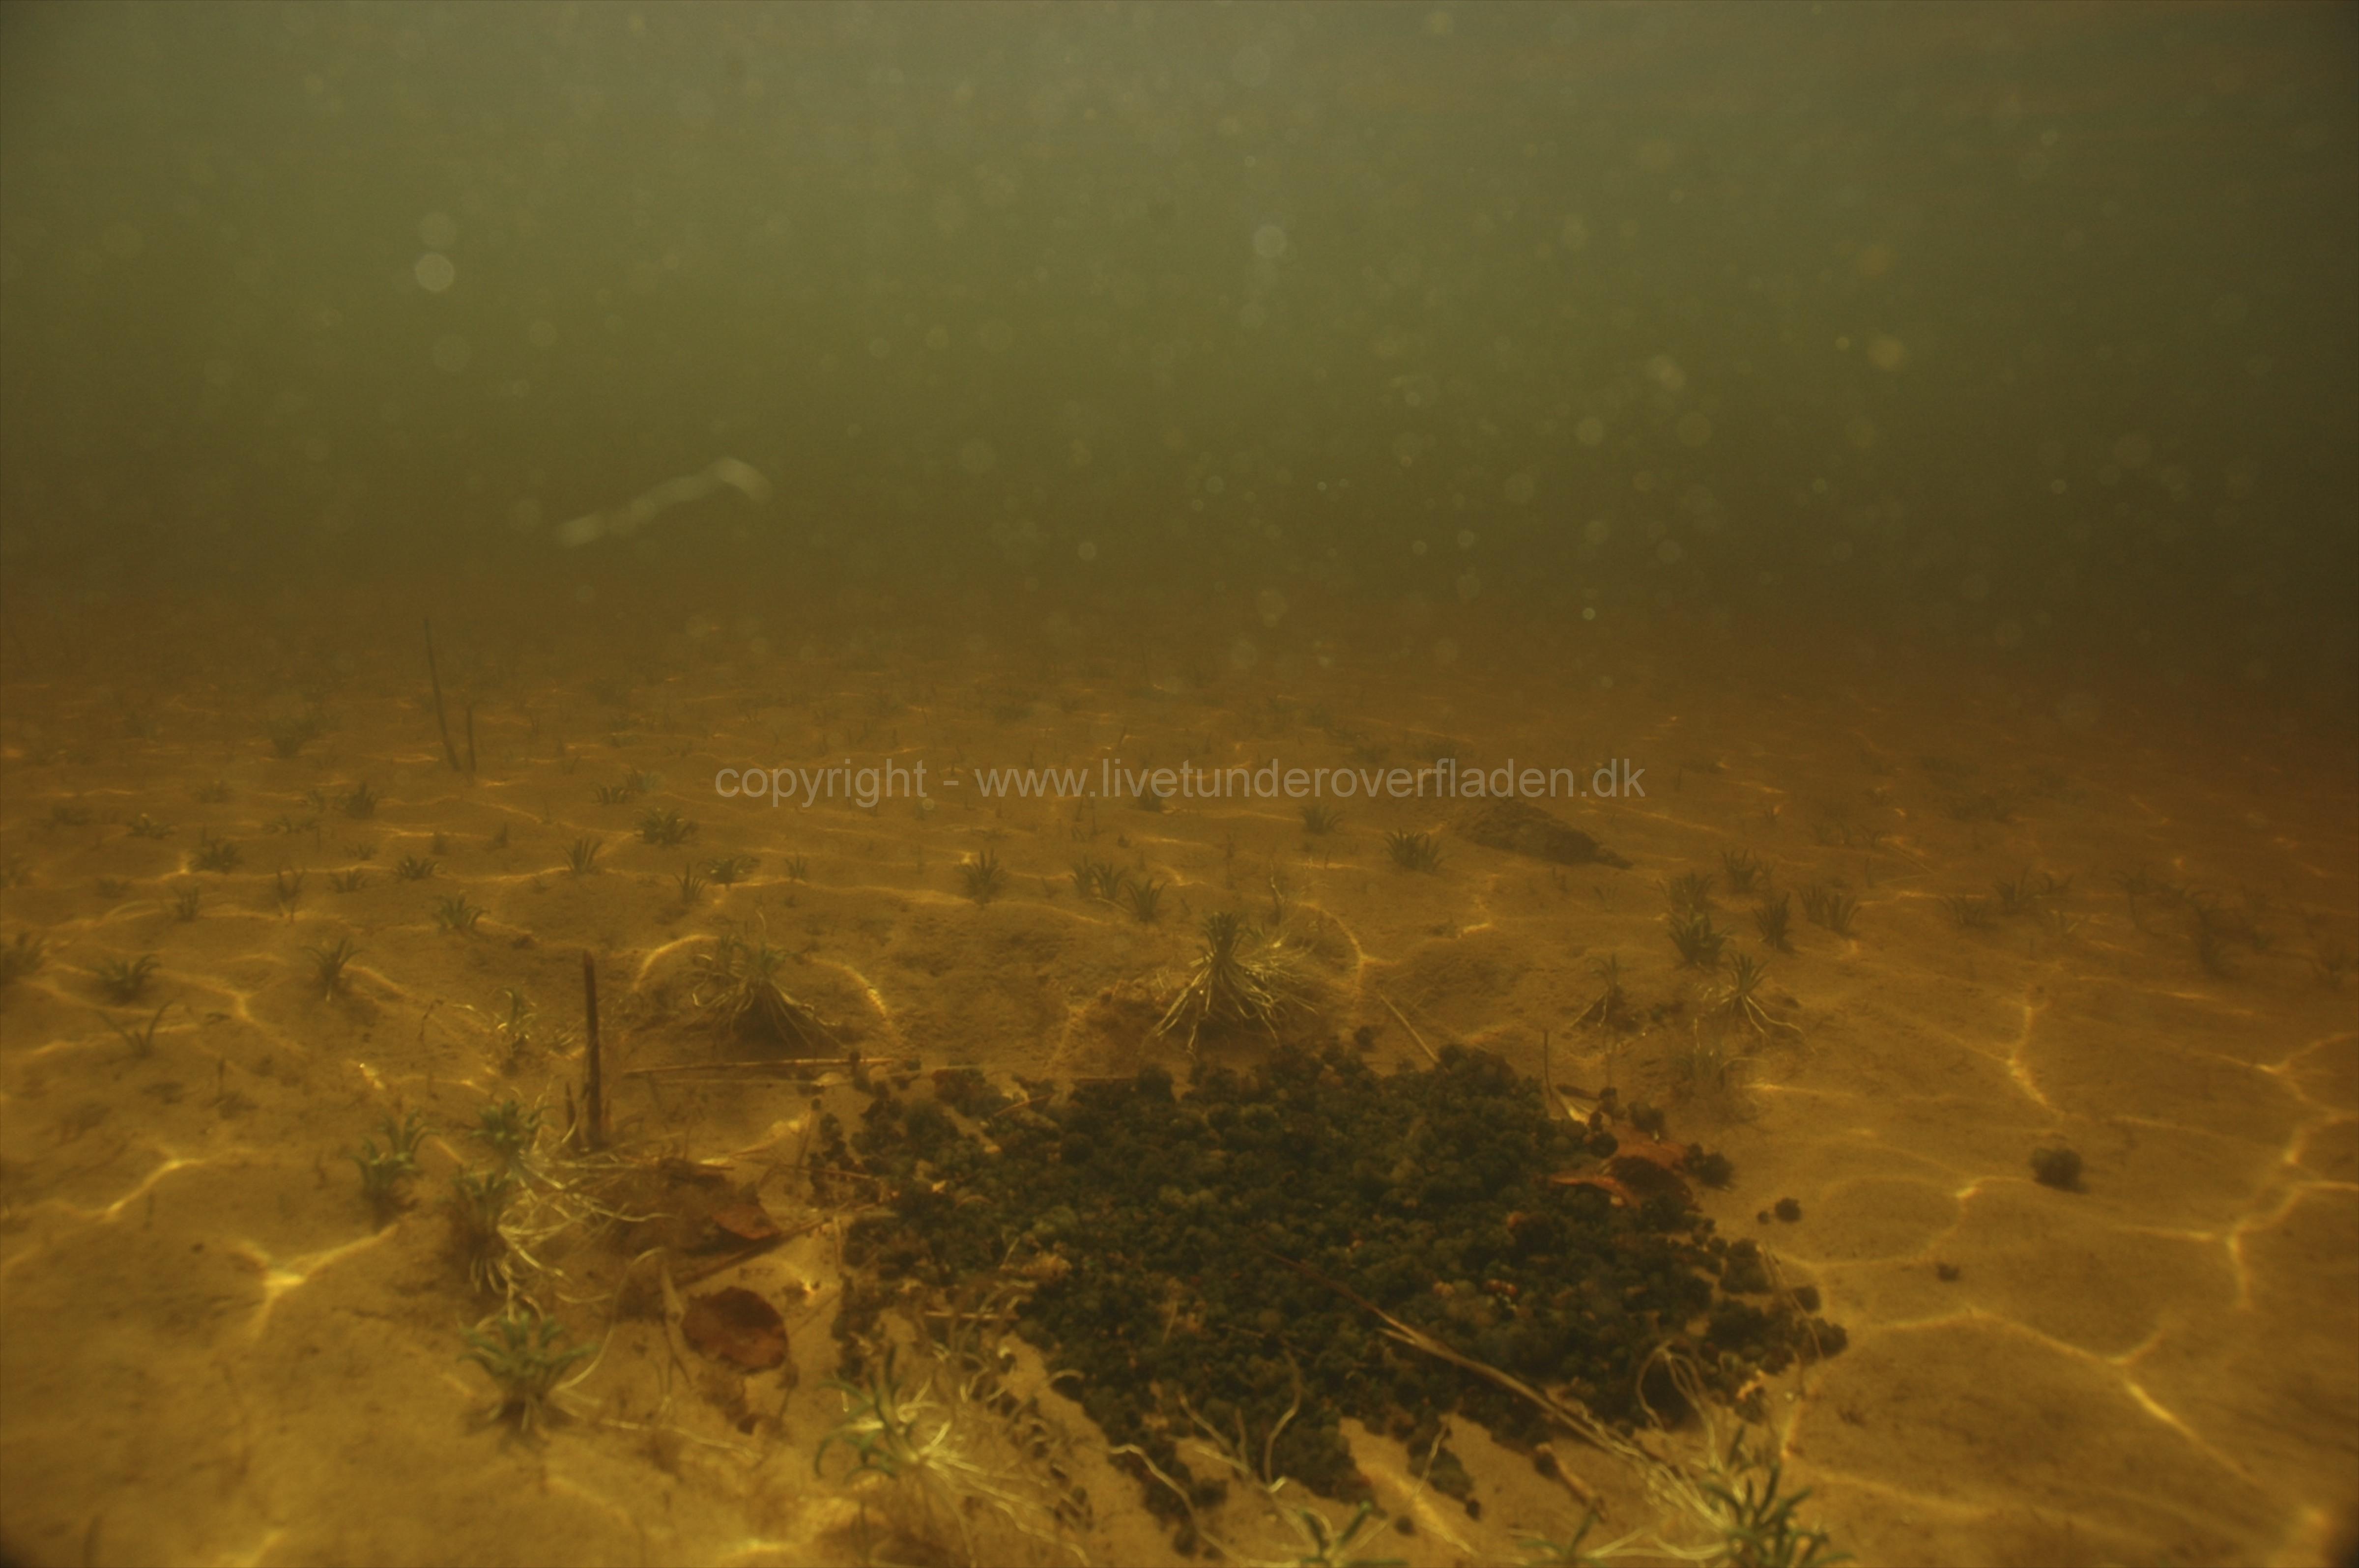 Freshwater habitat_Martin_Kielland 23